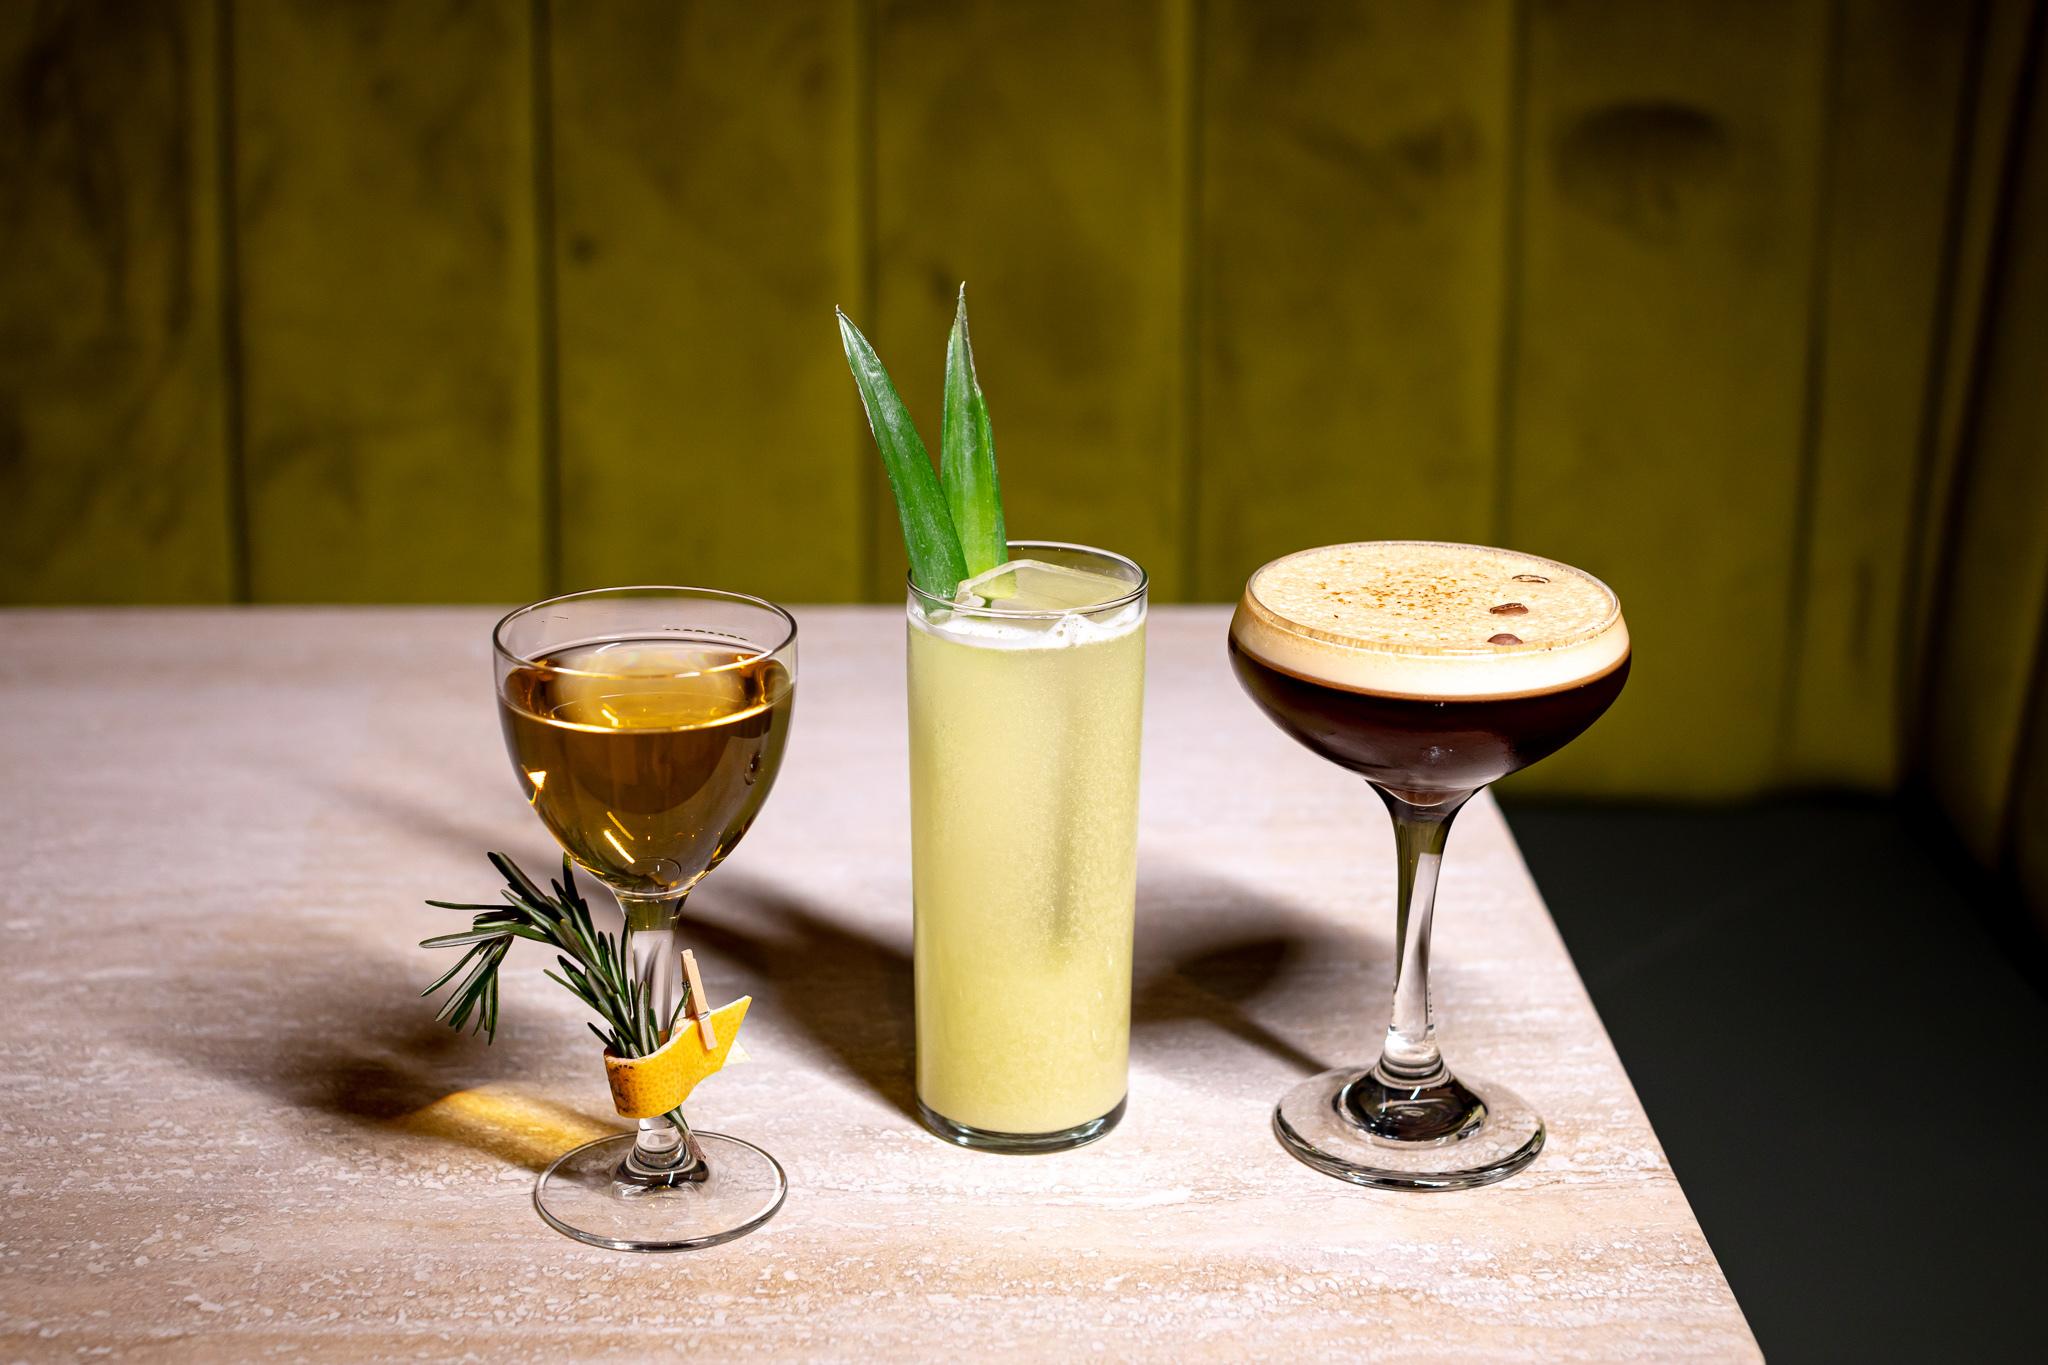 从左到右:闪光灯(Mezcal,Amontillado Sherry,Cinnamon,Grapefruit);金纸币(Aquavit,Yellow Chartreuse,澄清的菠萝);Espresso Martini(伏特加,咖啡利口酒,从咖啡下来的新鲜浓咖啡)